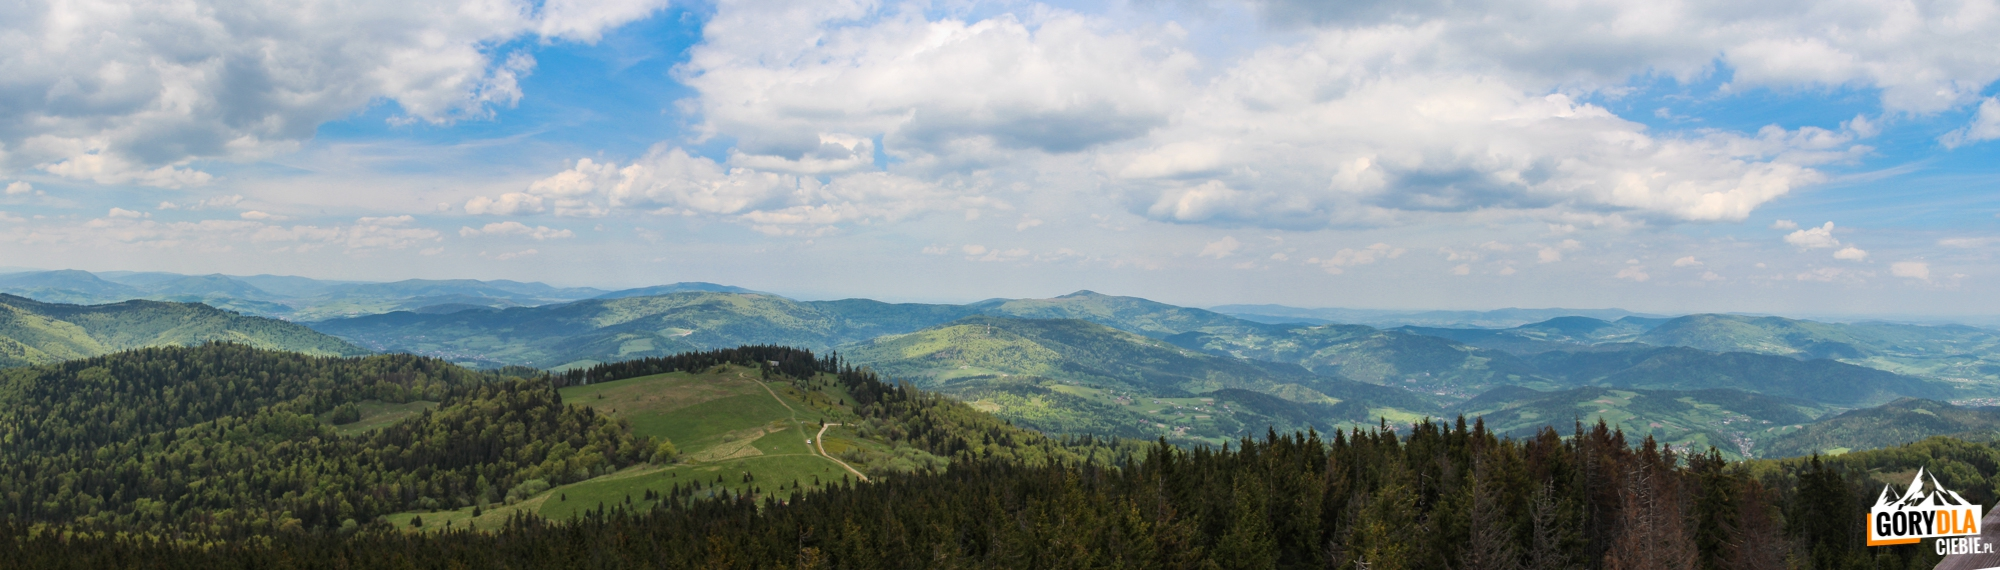 Pnorama zwieży widokowej naszczycie Gorca (1228 m) - napółnoc